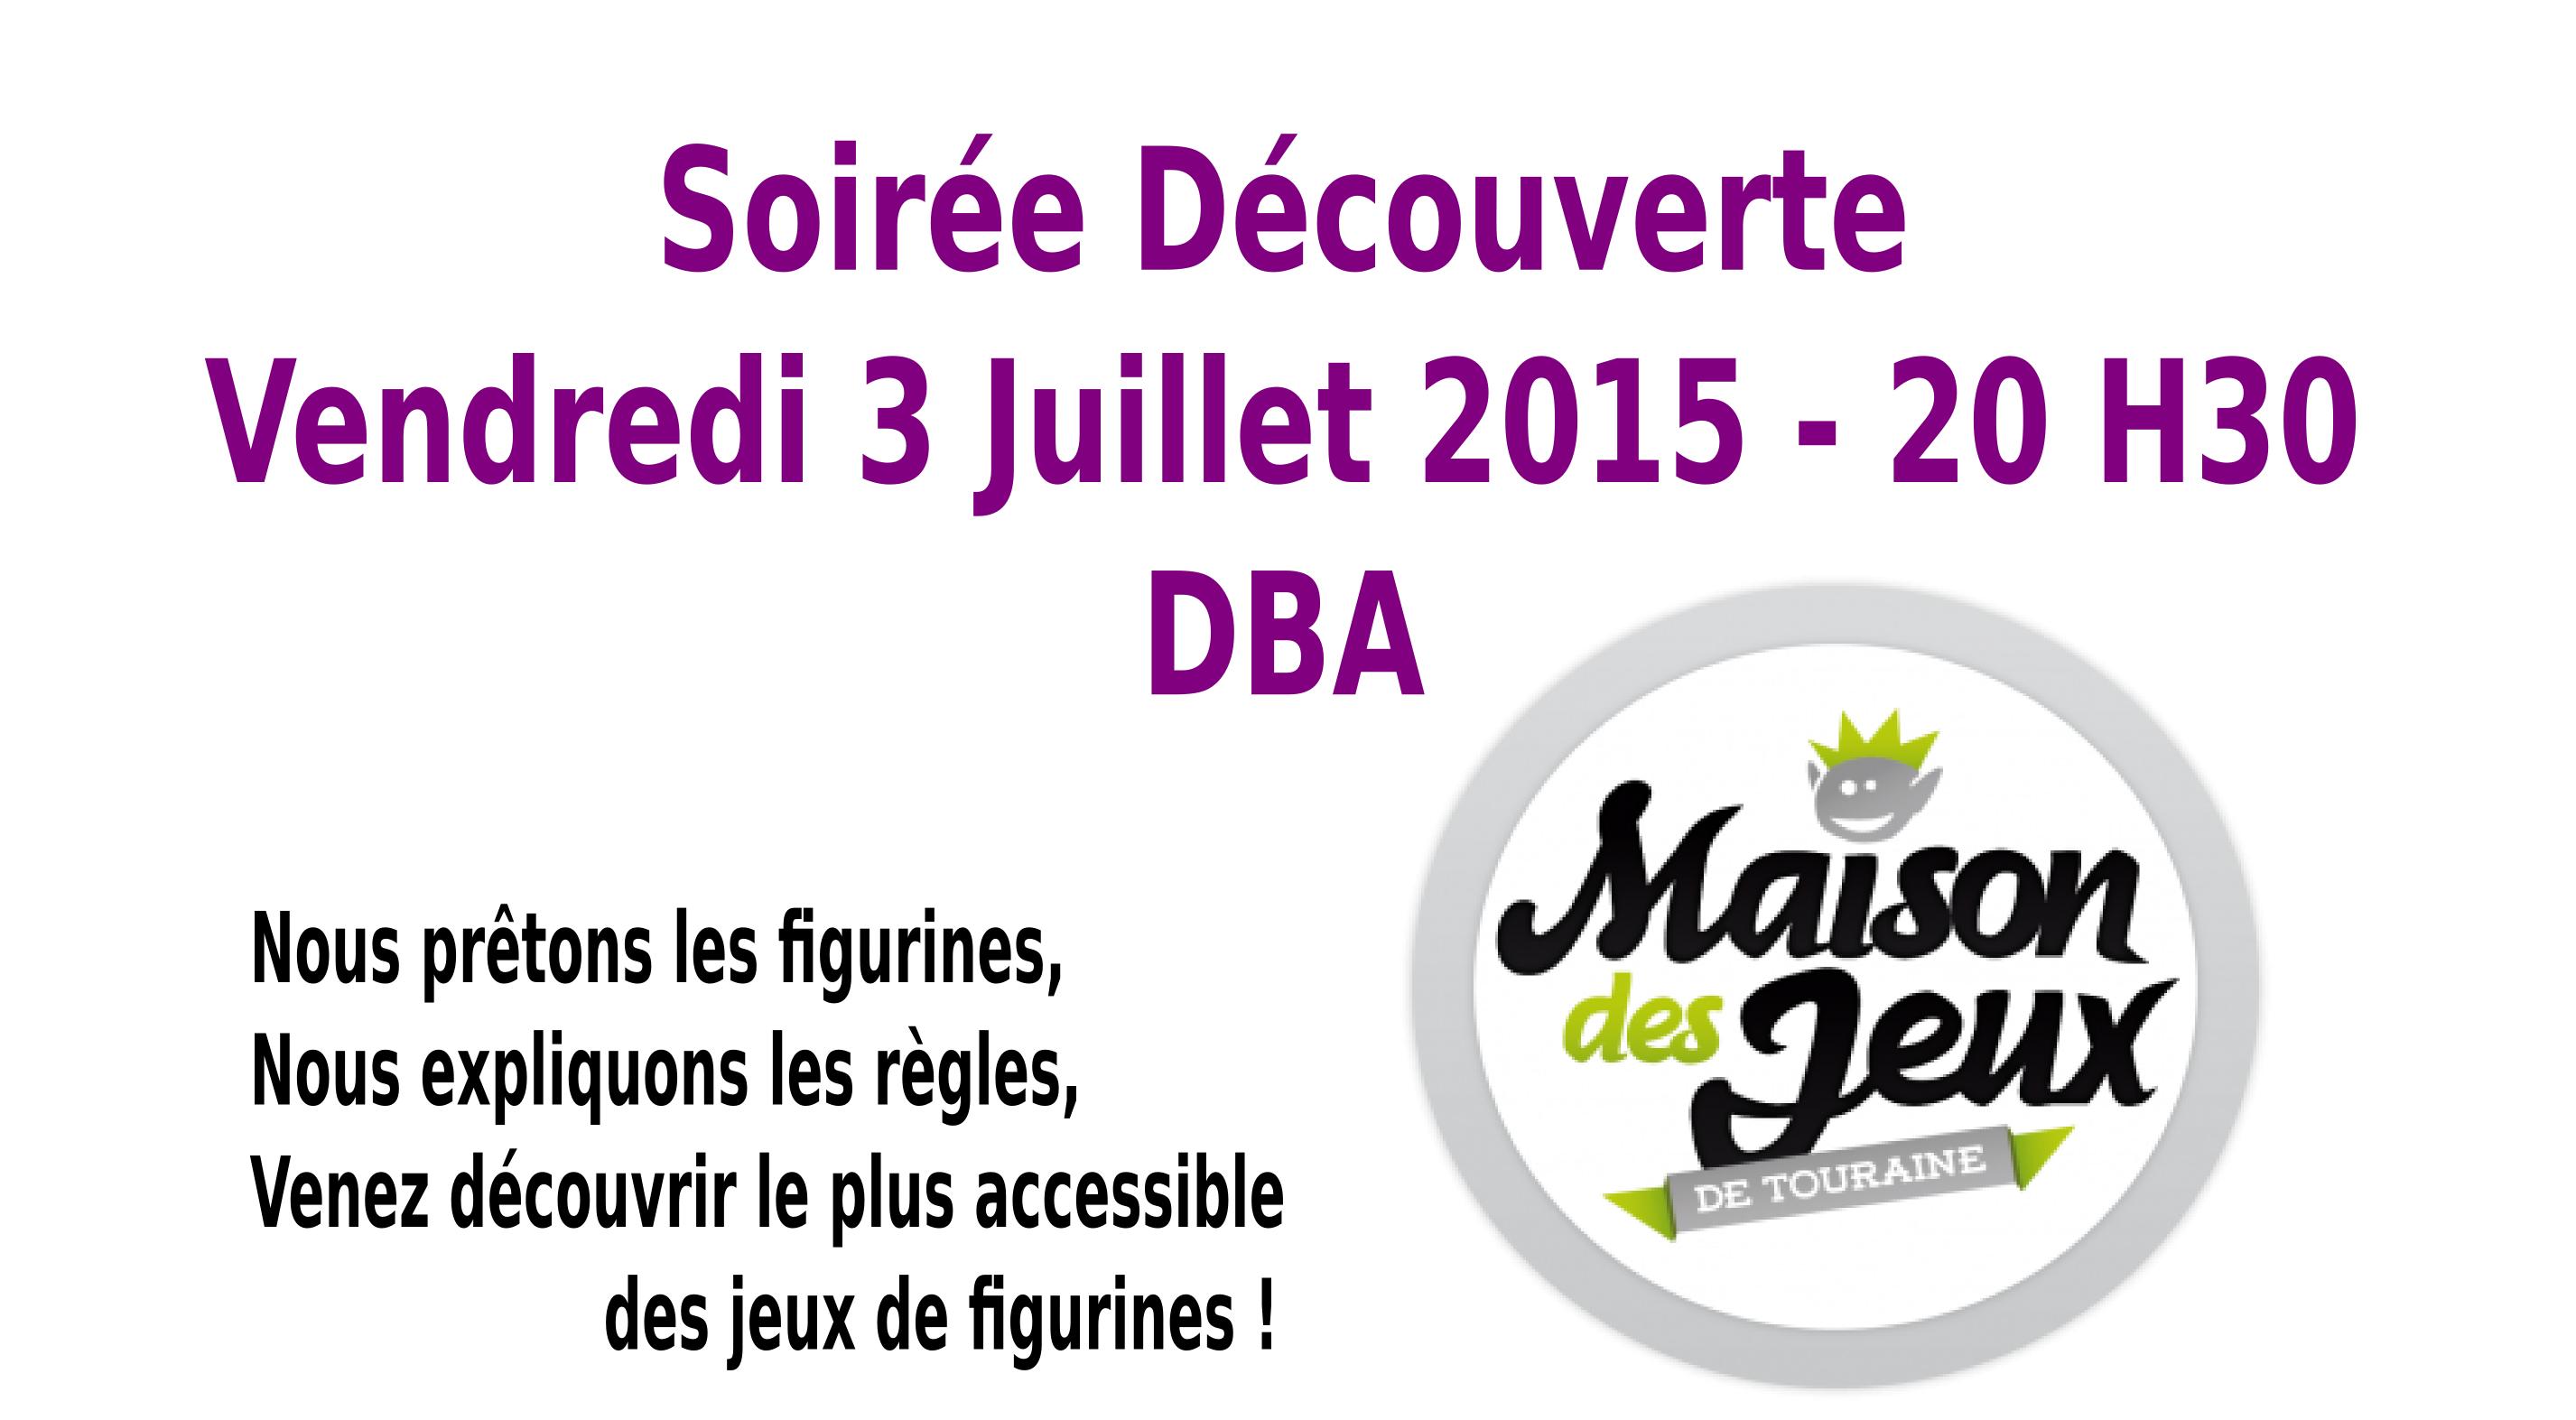 Soirée Découverte Tours, le 3 juillet 2015, 20h30